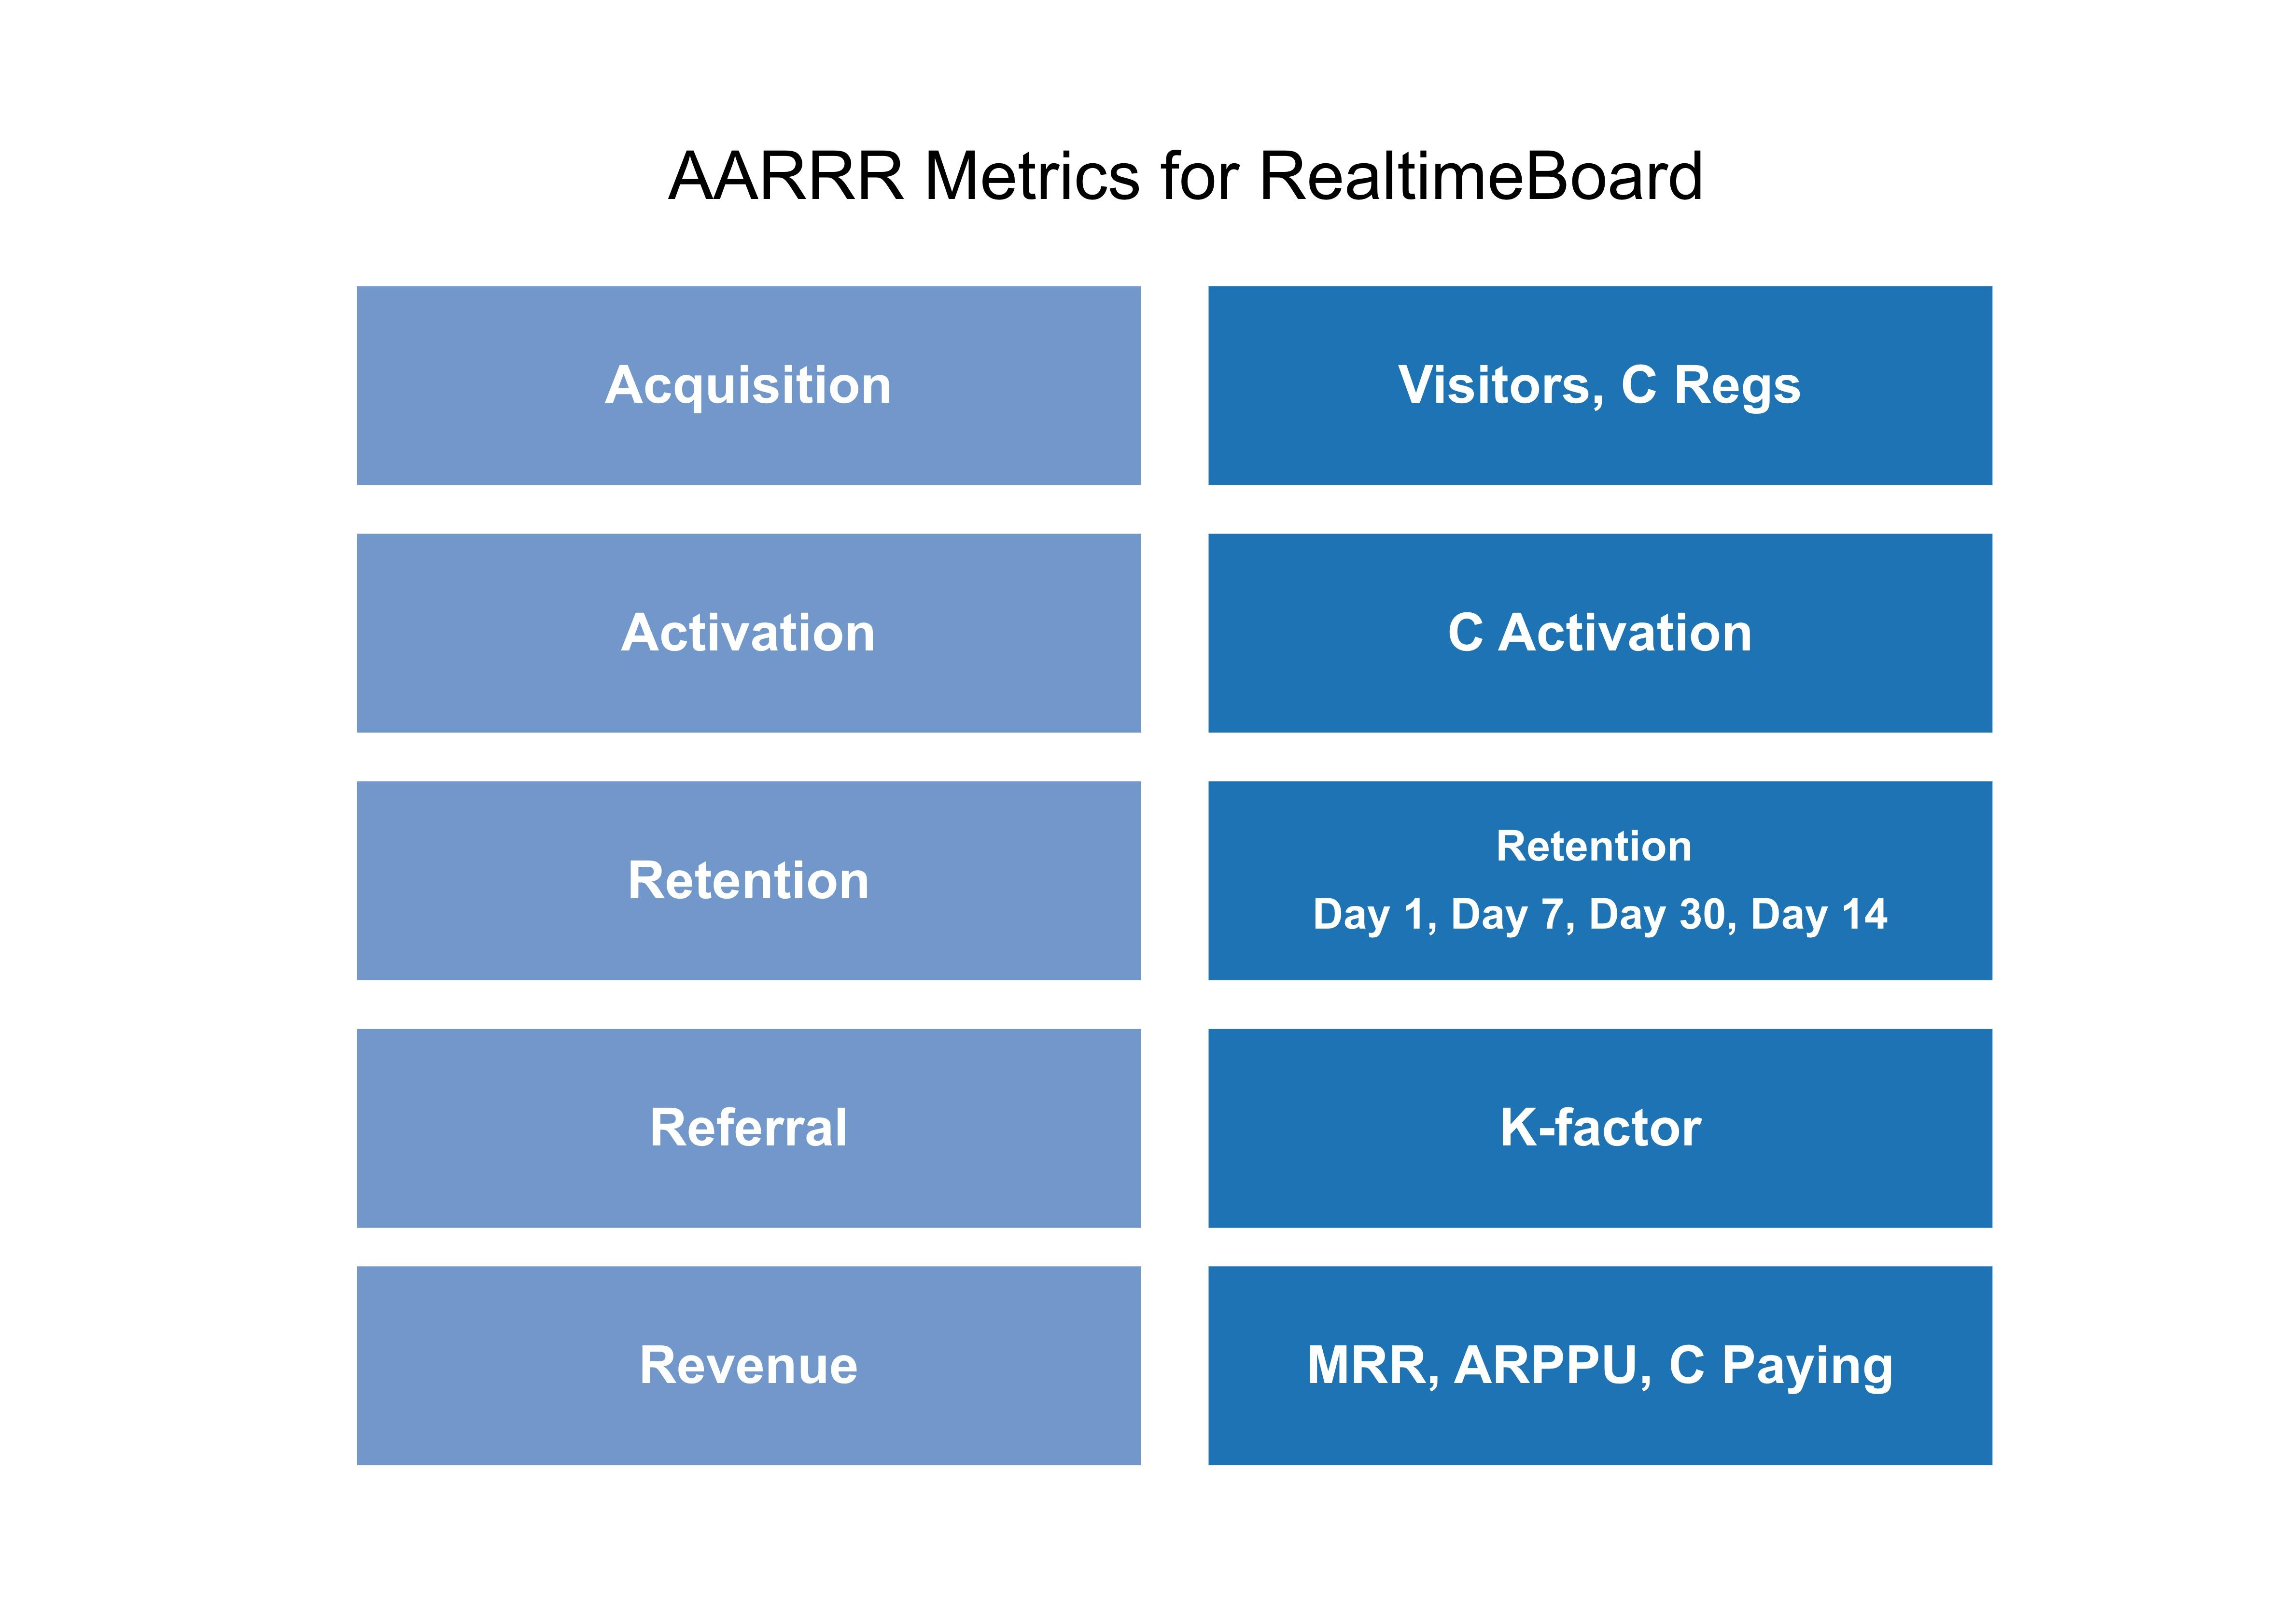 AARRR-Marketing